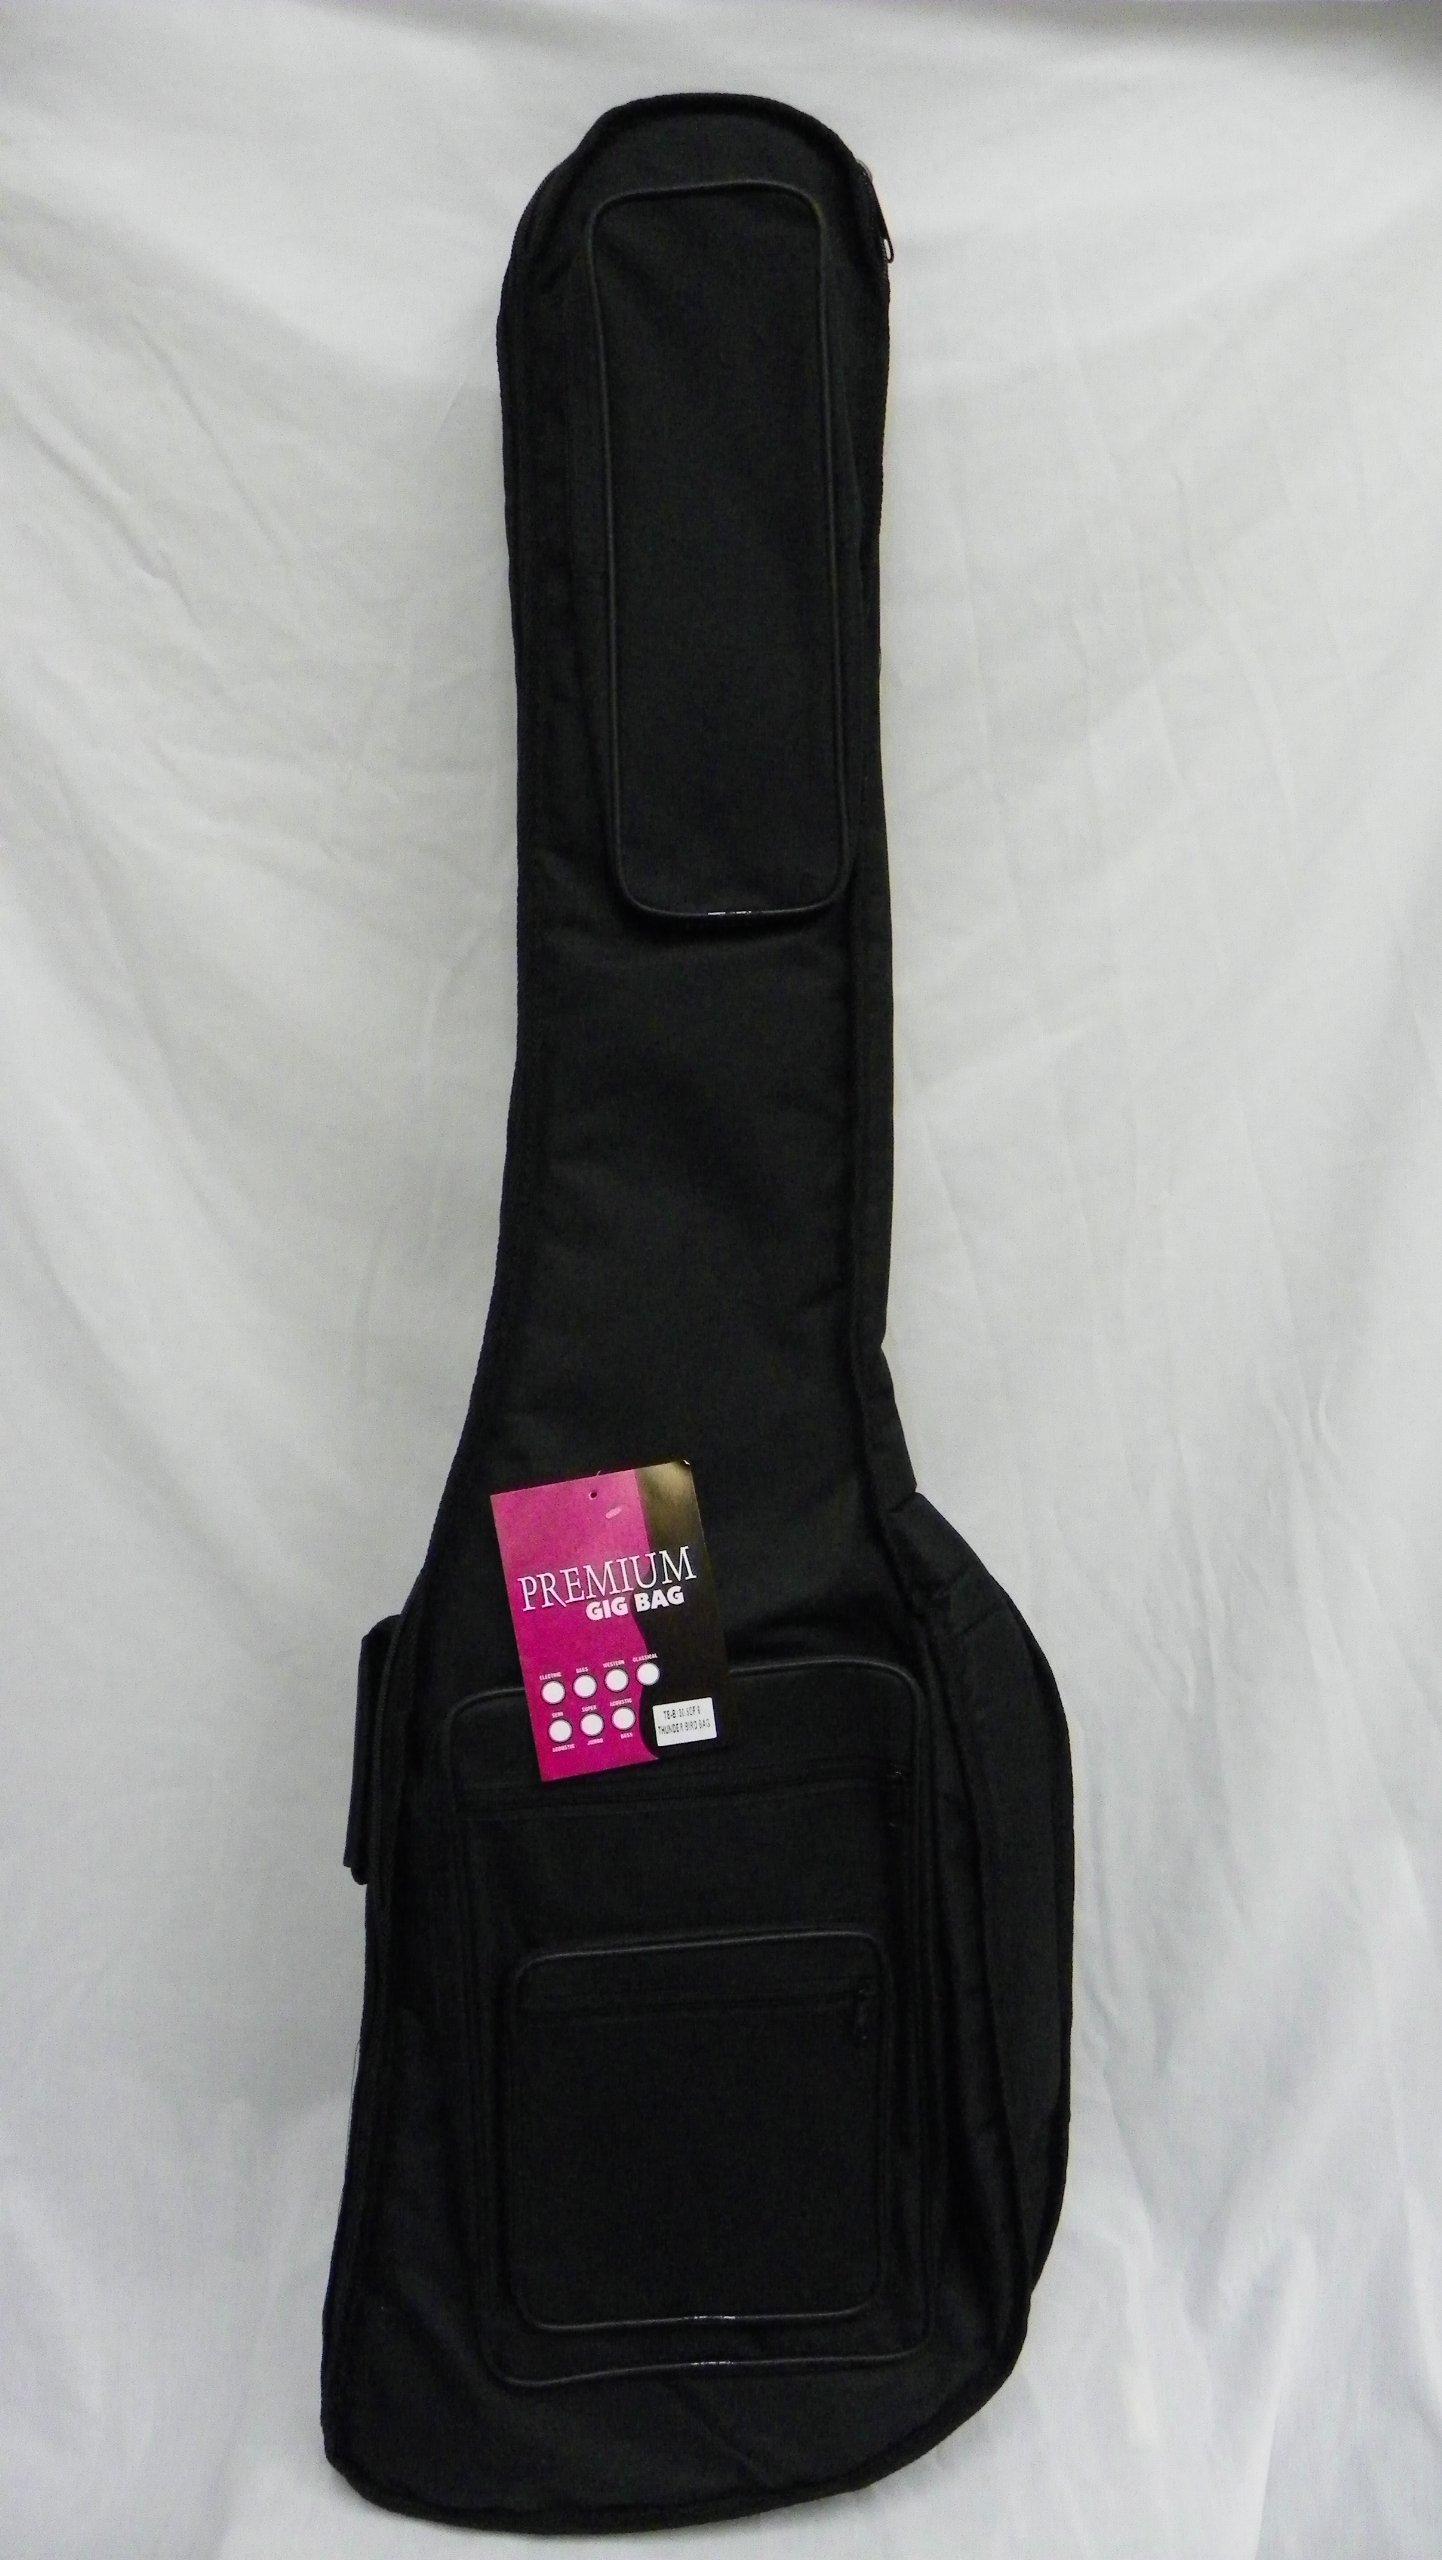 Extra Thick Thunderbird Bass Guitar Gig Bag /soft case